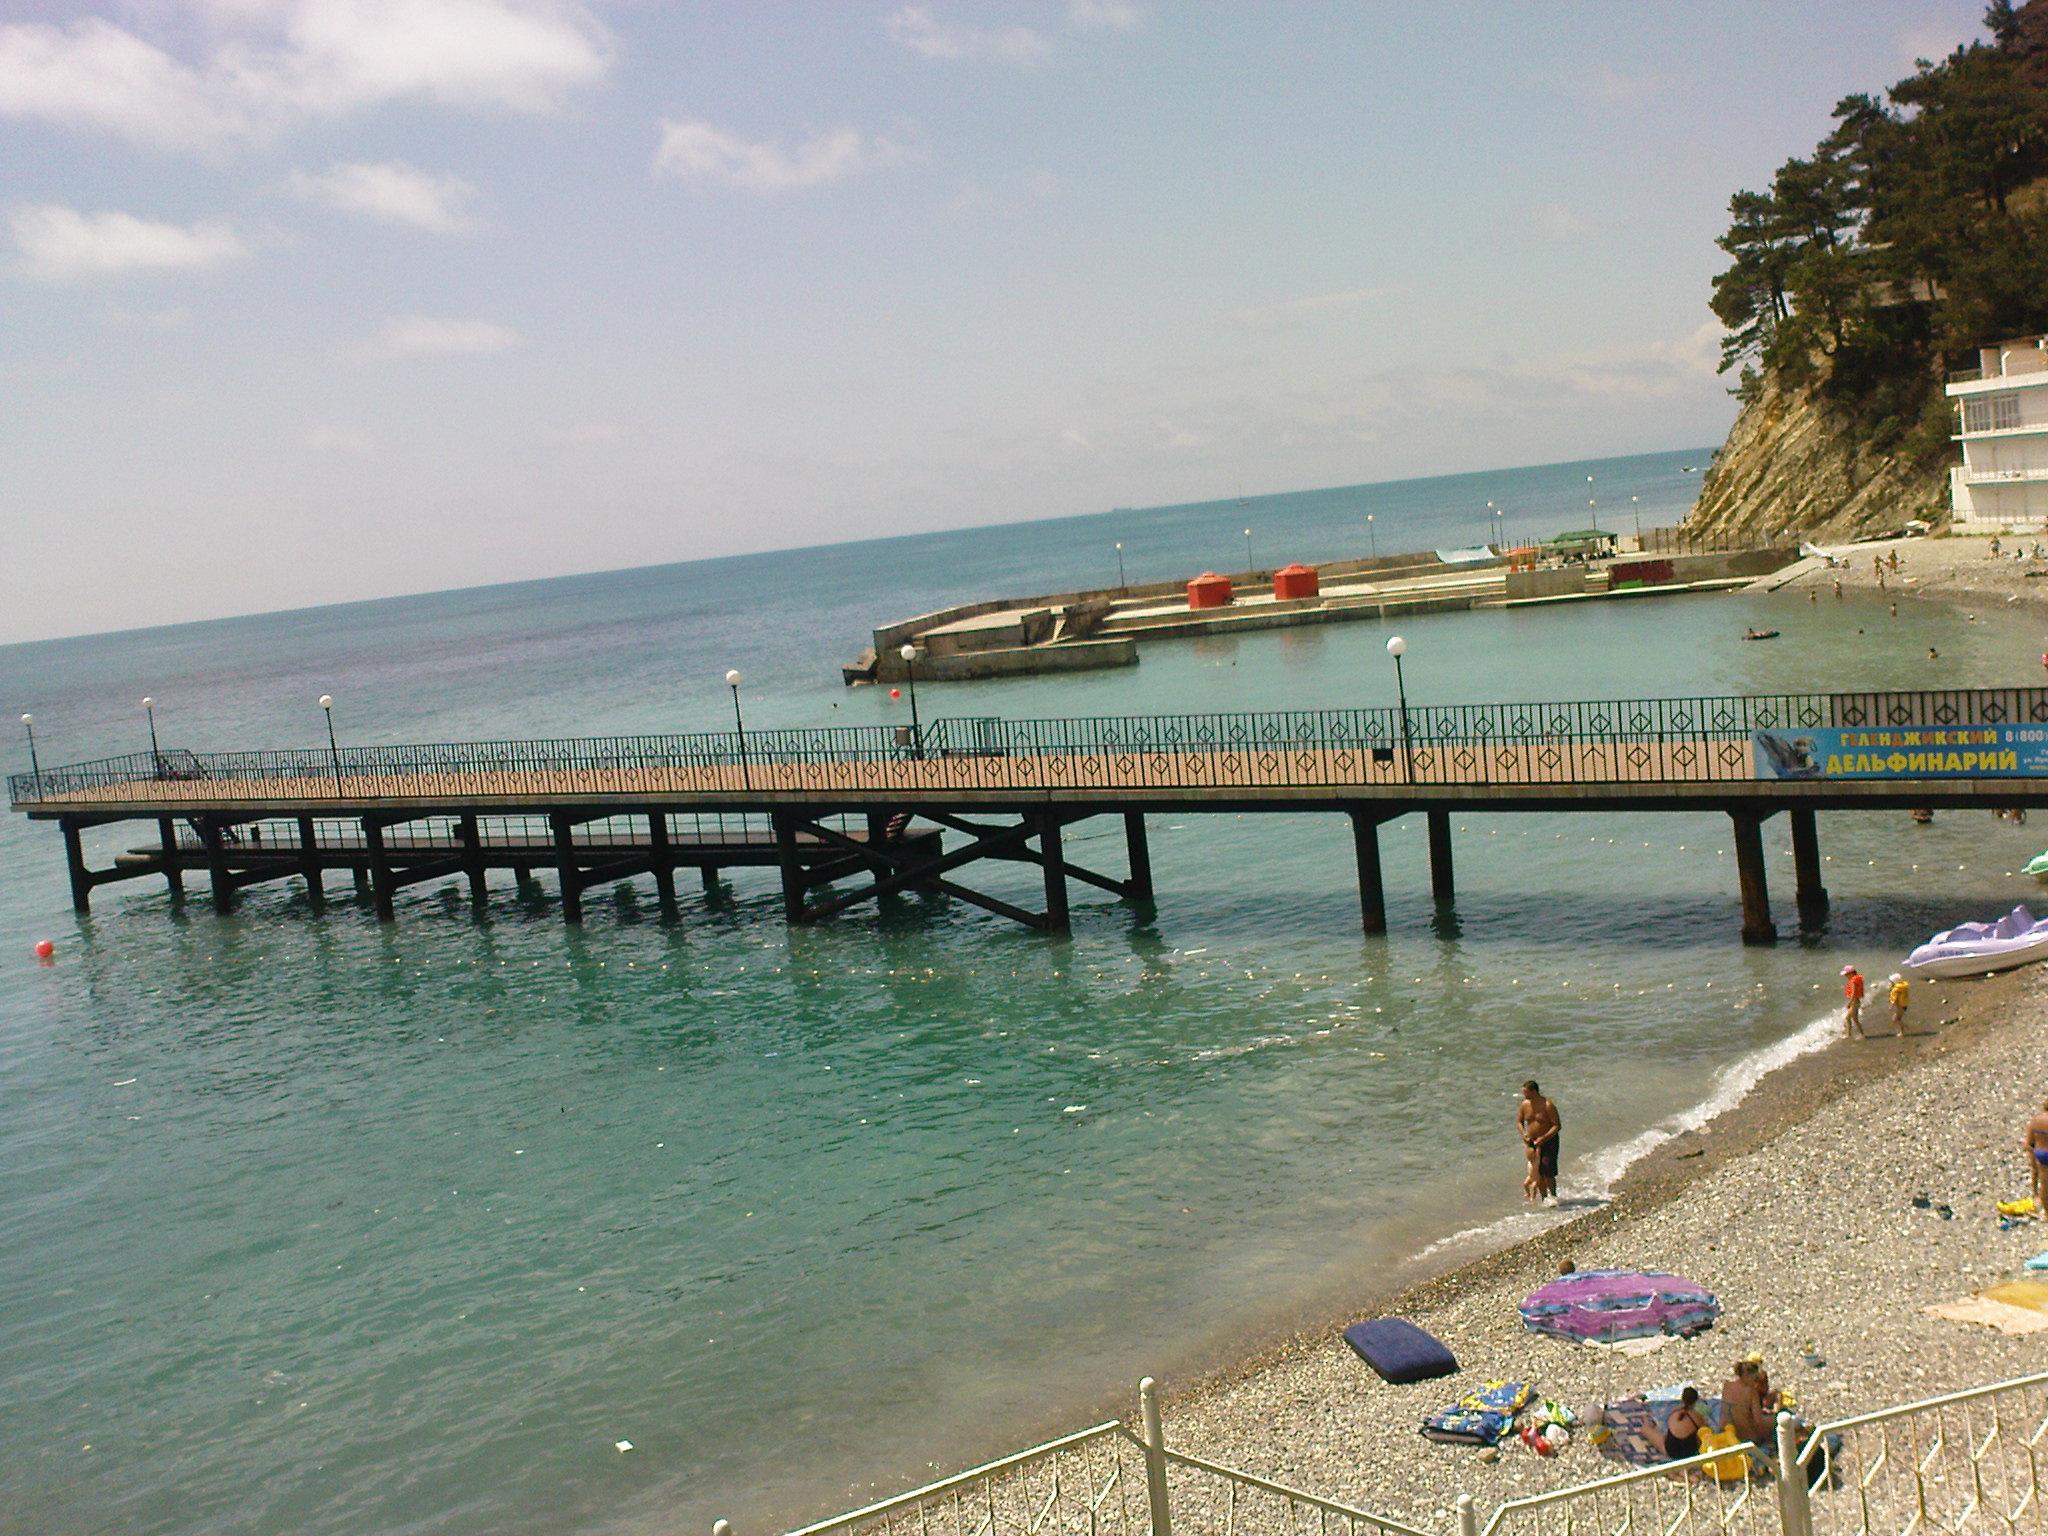 Джанхот пляж пристань июнь- июль 2013